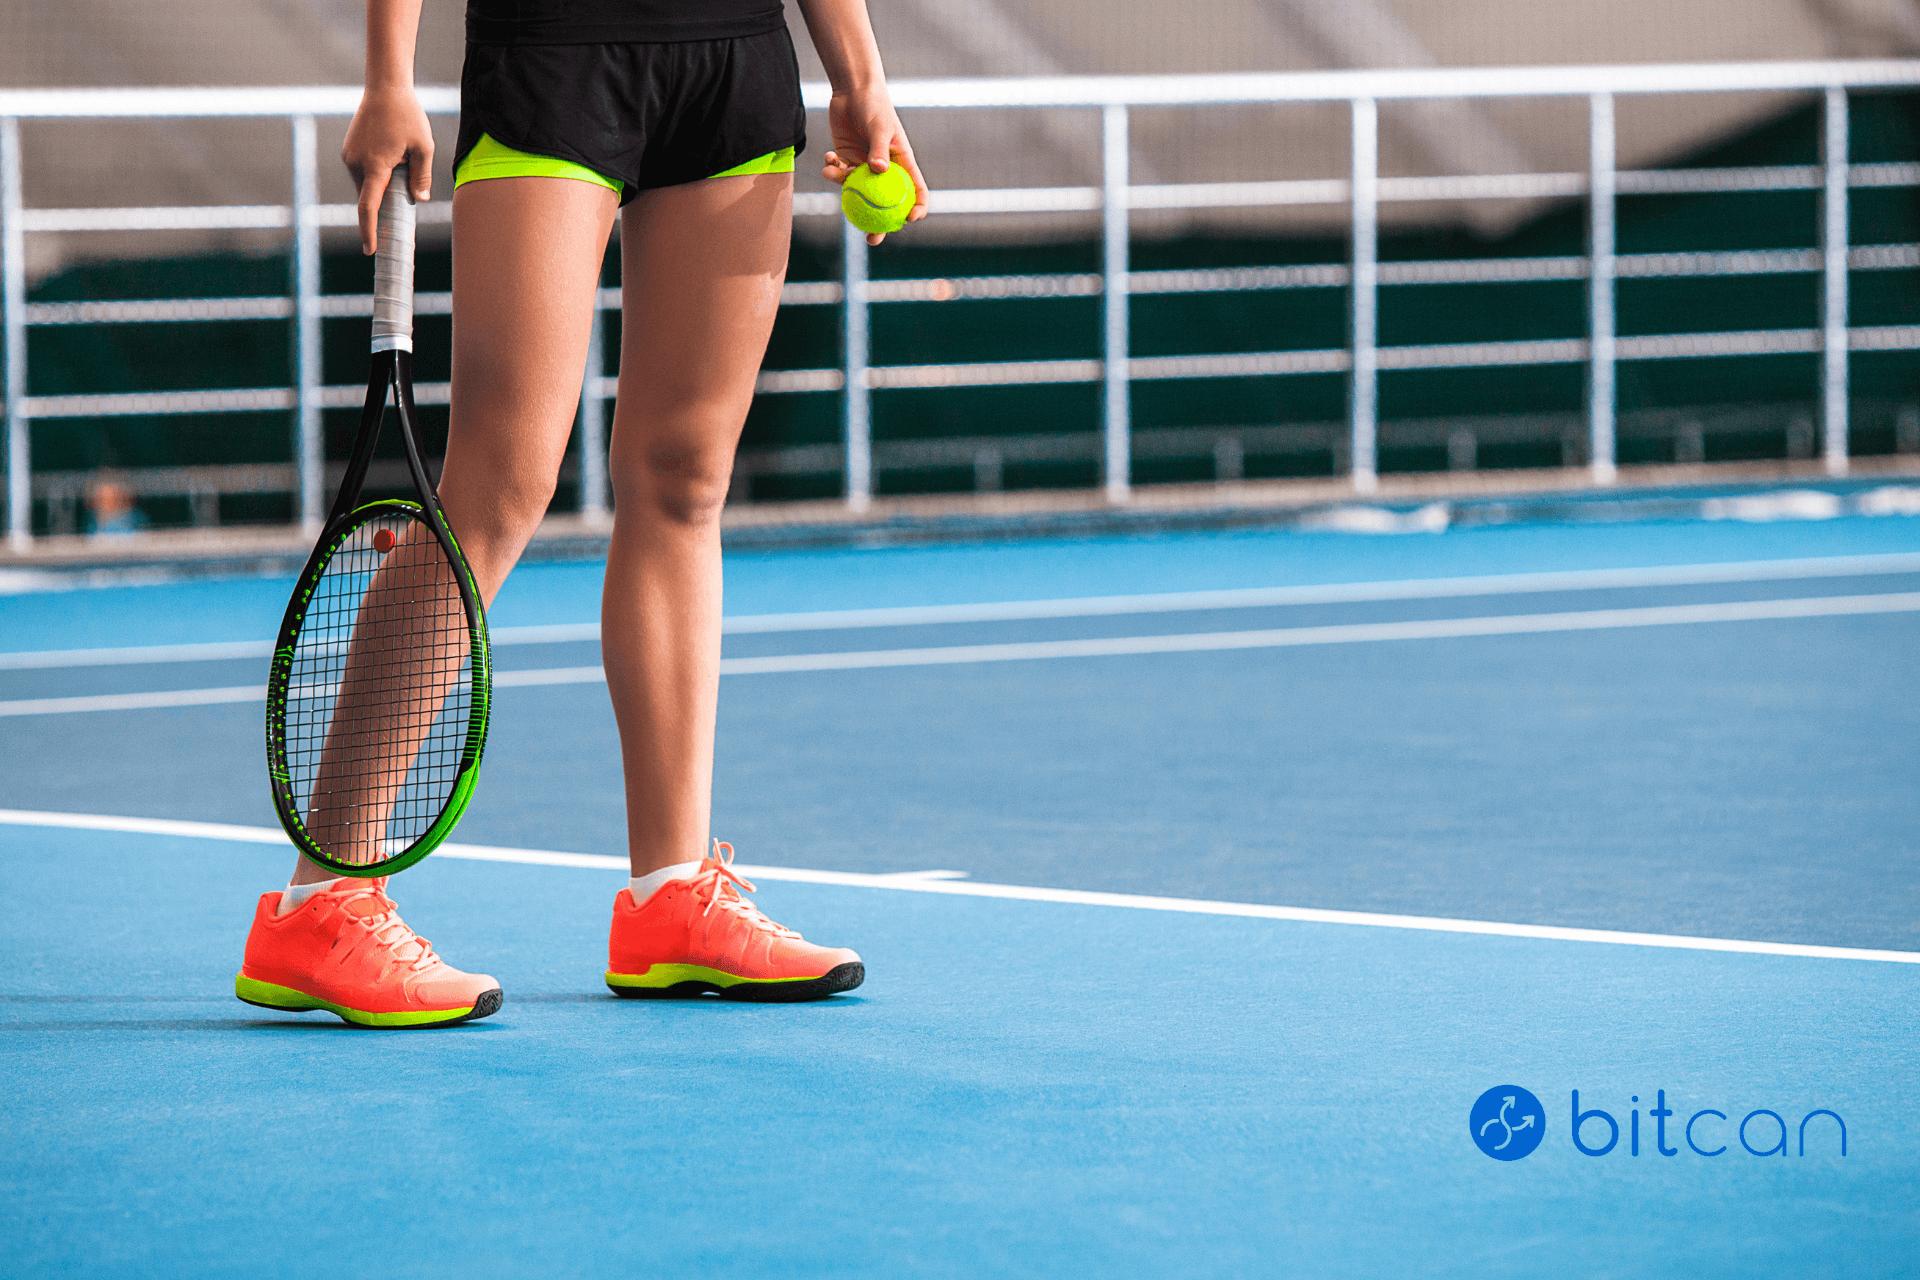 Słynna tenisistka i jej coin? Caroline Wozniacki